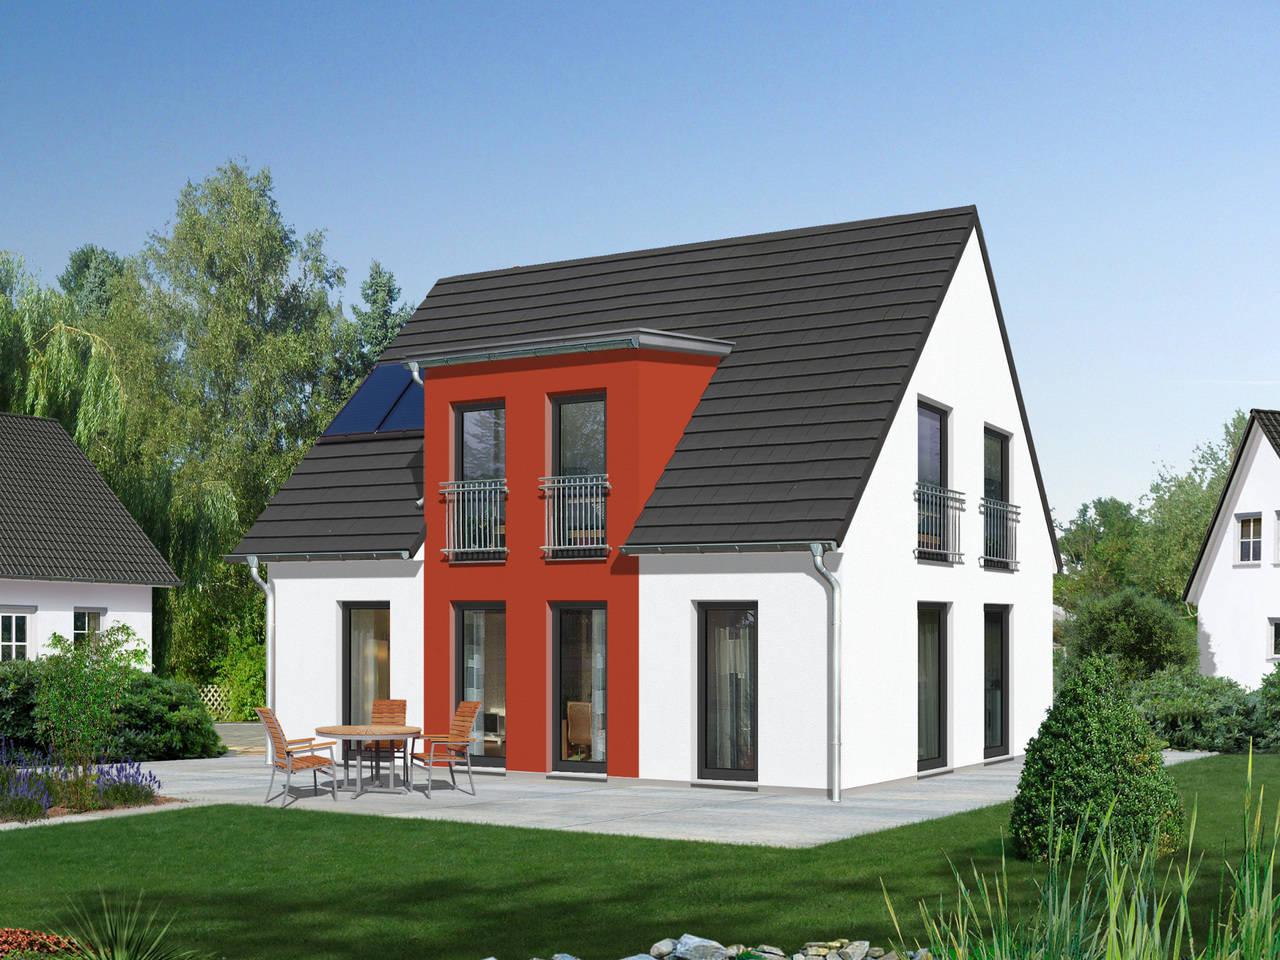 Haus Flair 113 Style von Bauprojektierung Meyer - Town & Country